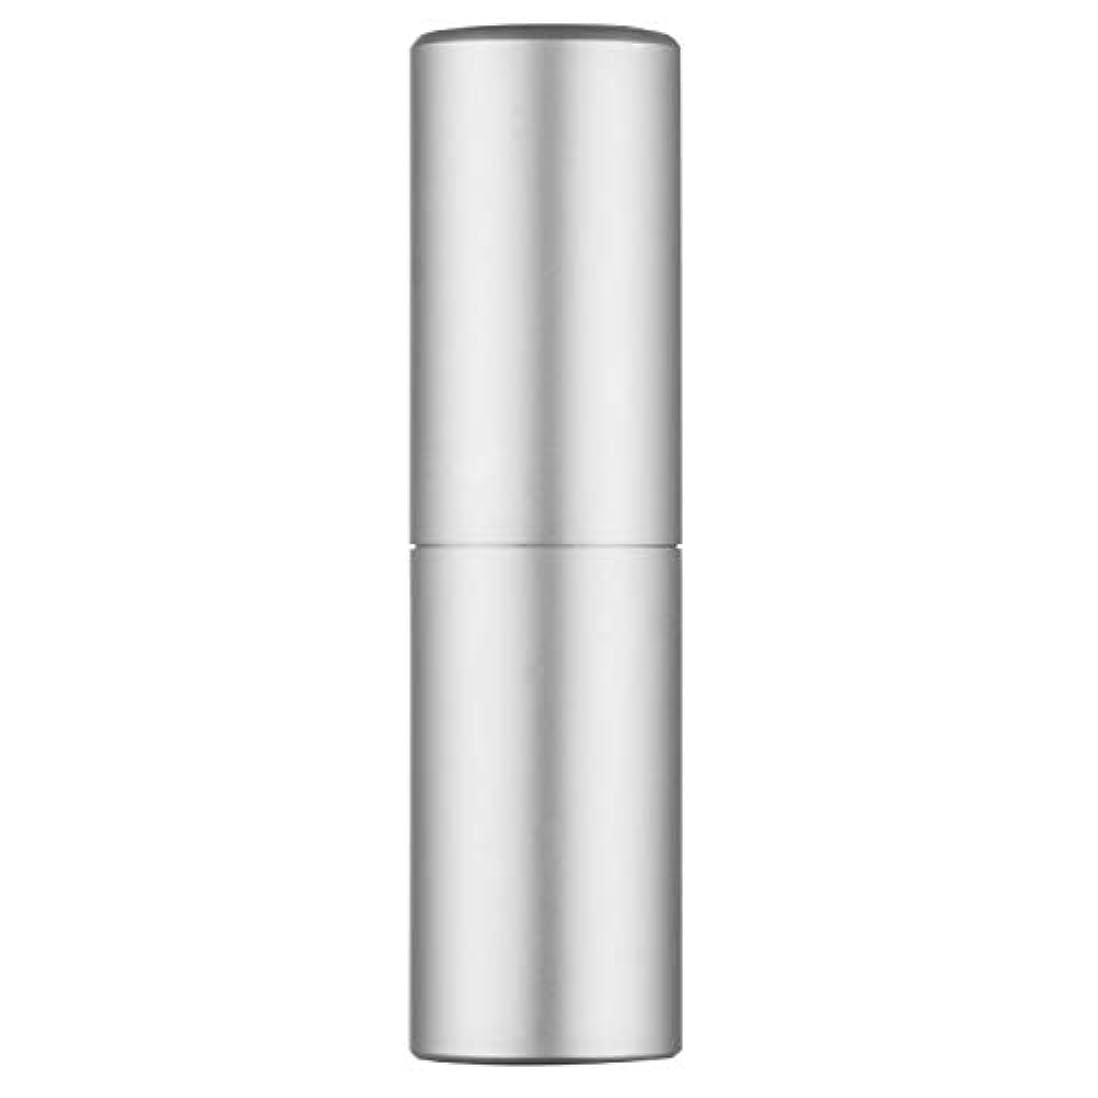 バー驚かす韓国アトマイザー 香水ボトル 香水瓶 20ml 詰め替え容器 レディース スプレーボトル ミニ漏斗付き (シルバー)